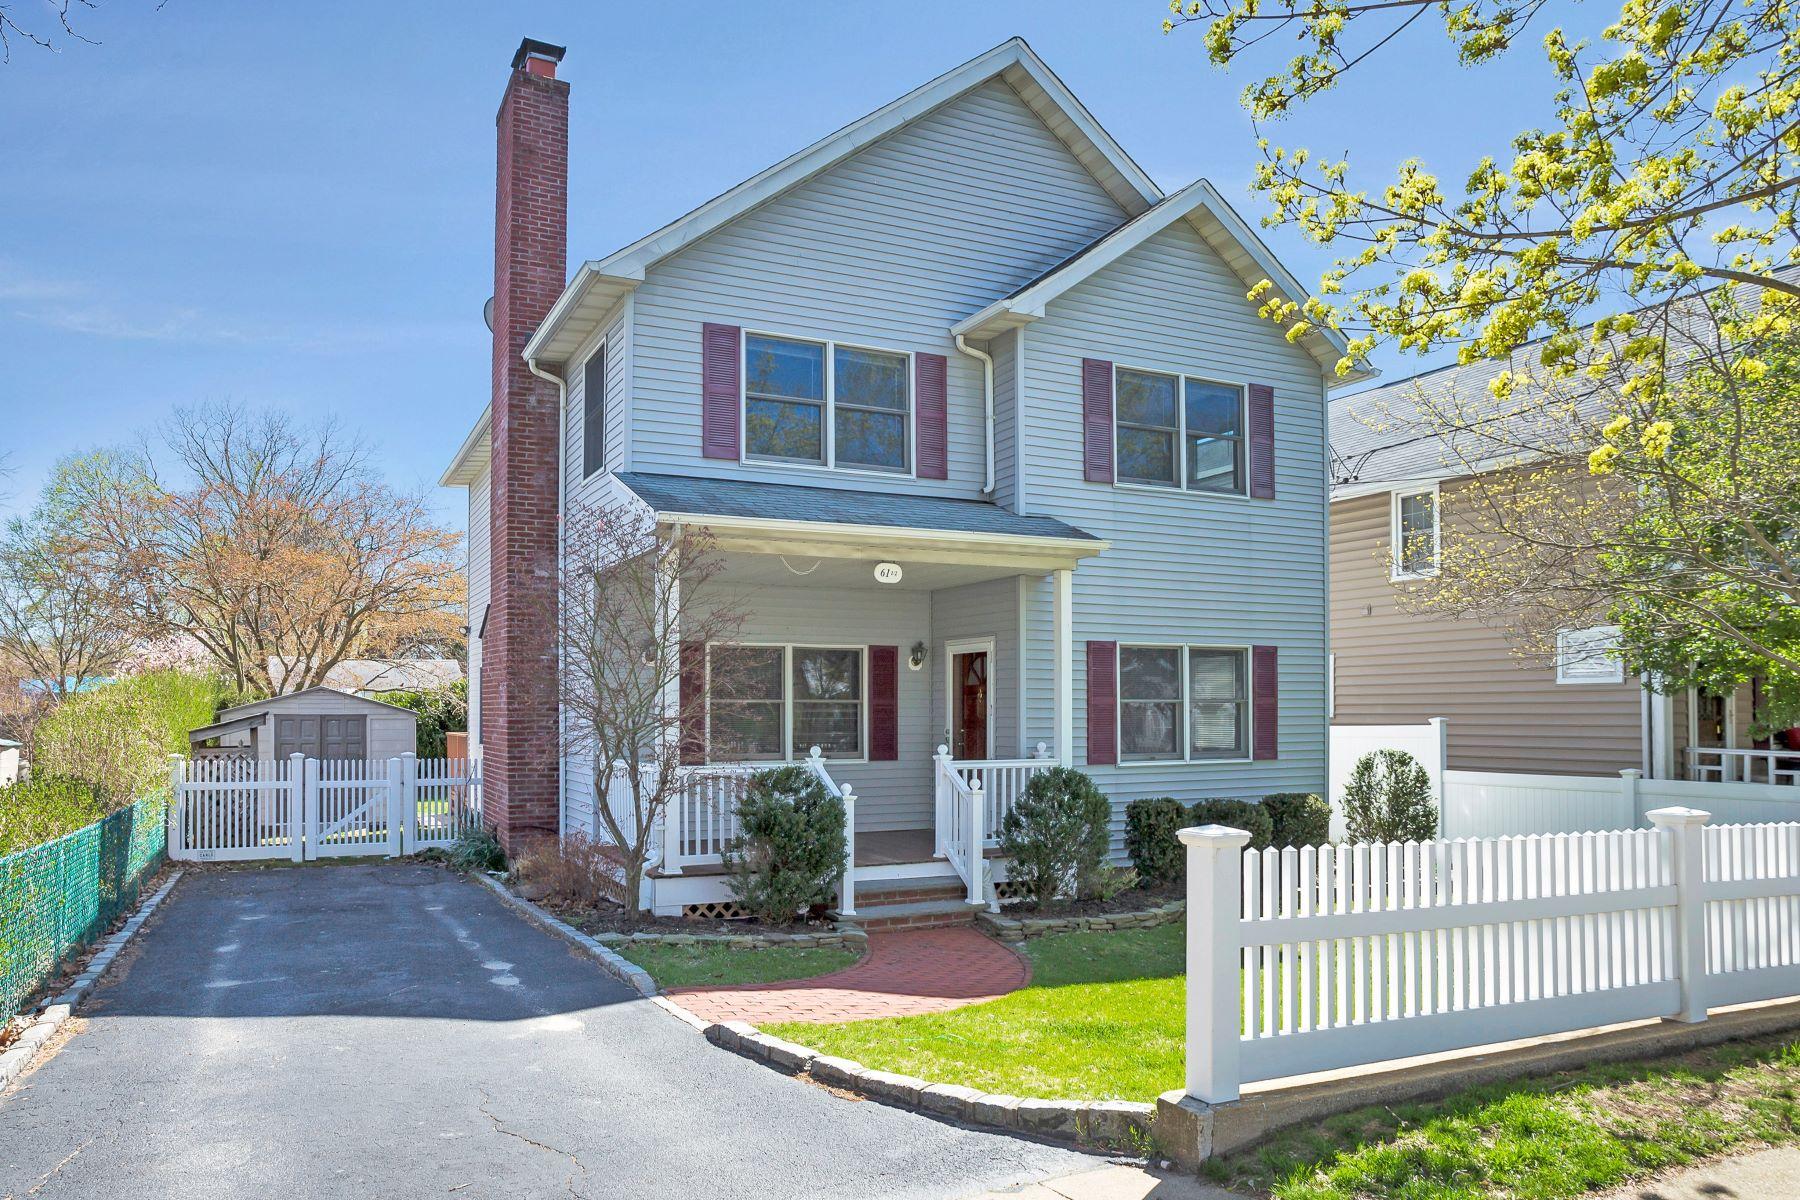 Single Family Homes for Active at Glenwood Landing 61 1/2 Grove St Glenwood Landing, New York 11547 United States